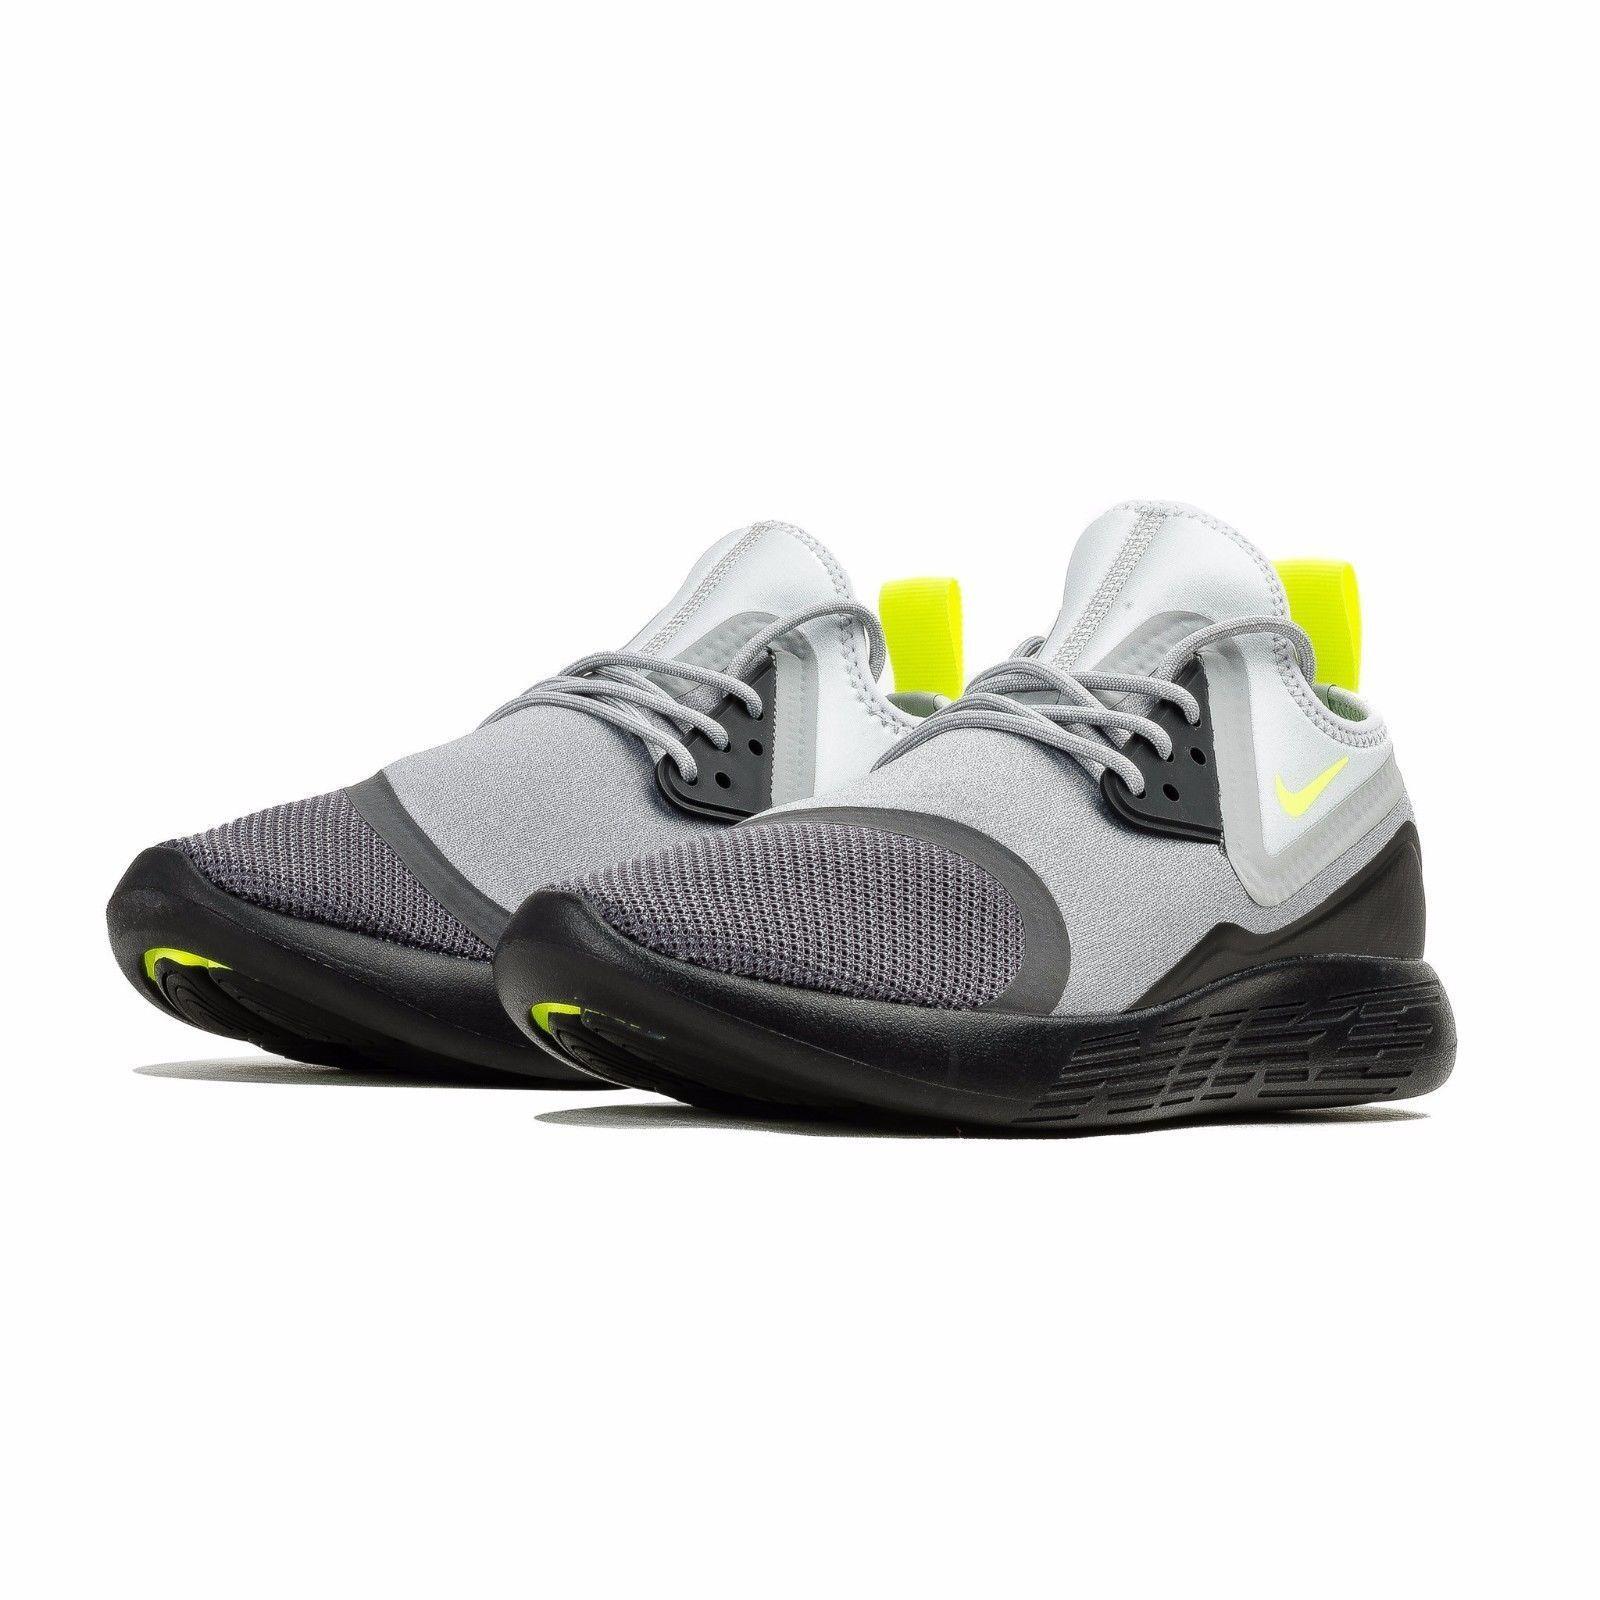 Nike Uomo lunarcharge miliardi di scarpe da corsa (dettaglio)